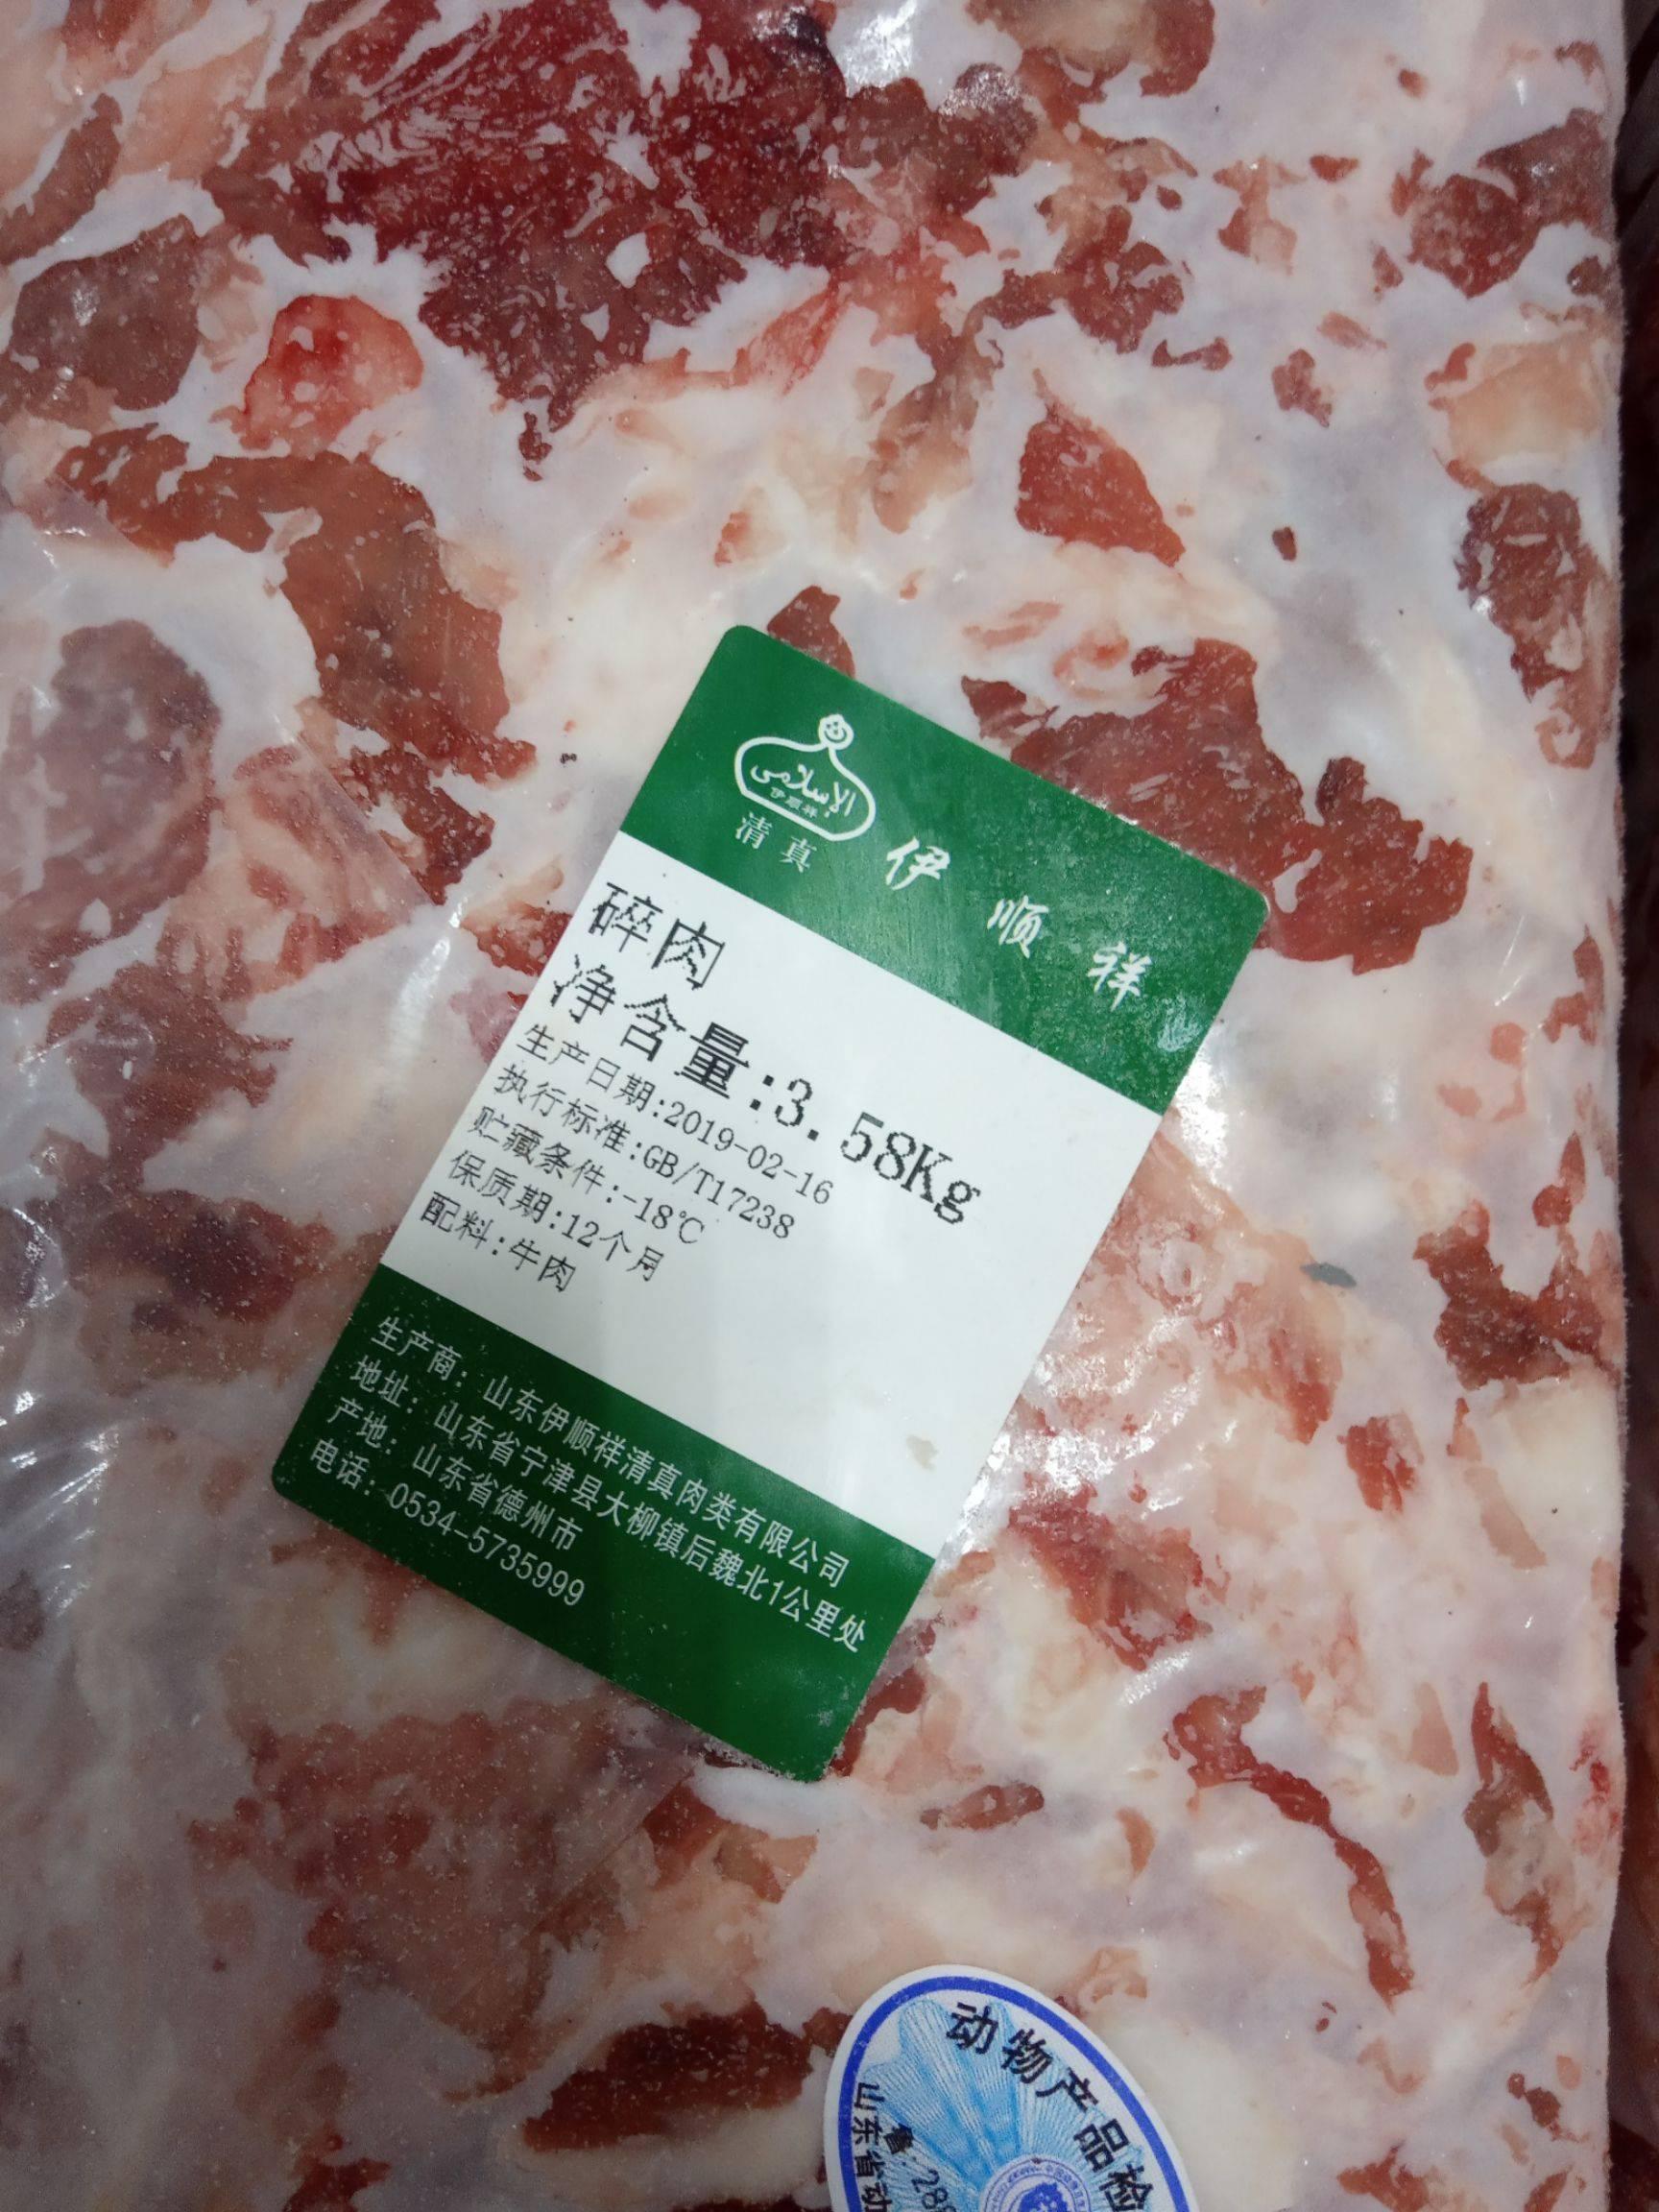 [牛刮骨肉批发]牛刮骨肉 生肉 价格16元/斤